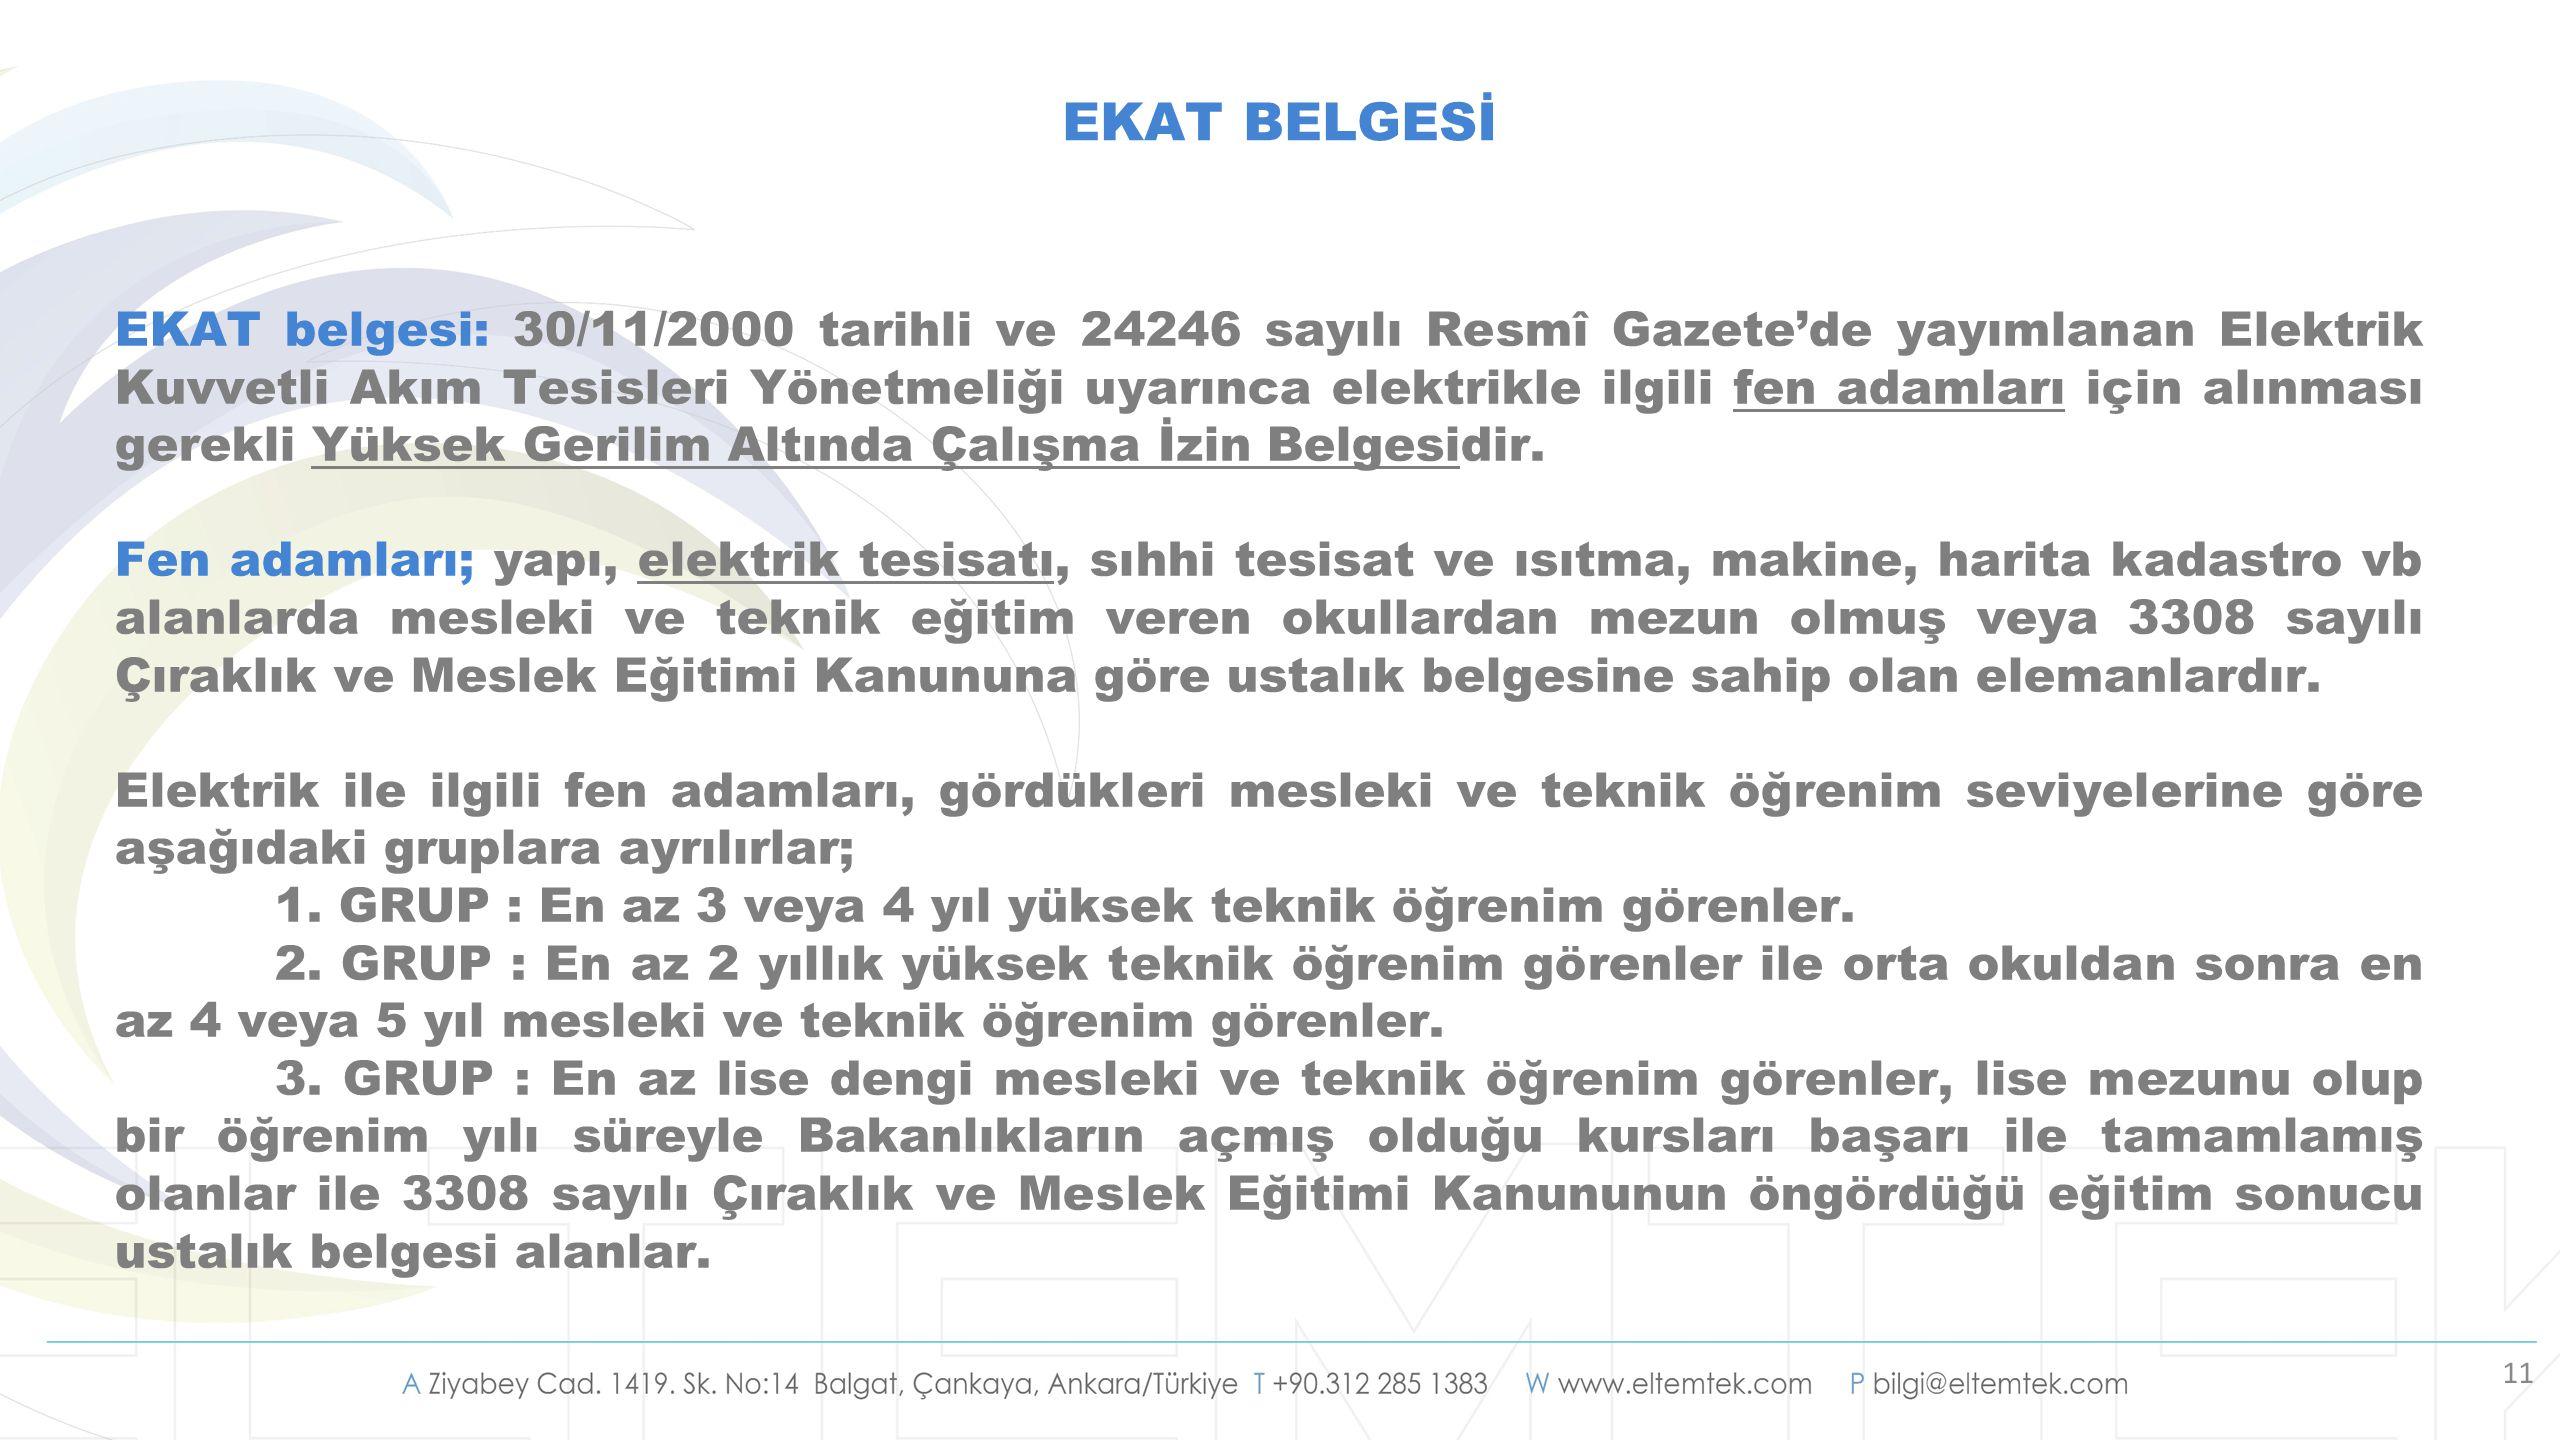 11 EKAT belgesi: 30/11/2000 tarihli ve 24246 sayılı Resmî Gazete'de yayımlanan Elektrik Kuvvetli Akım Tesisleri Yönetmeliği uyarınca elektrikle ilgili